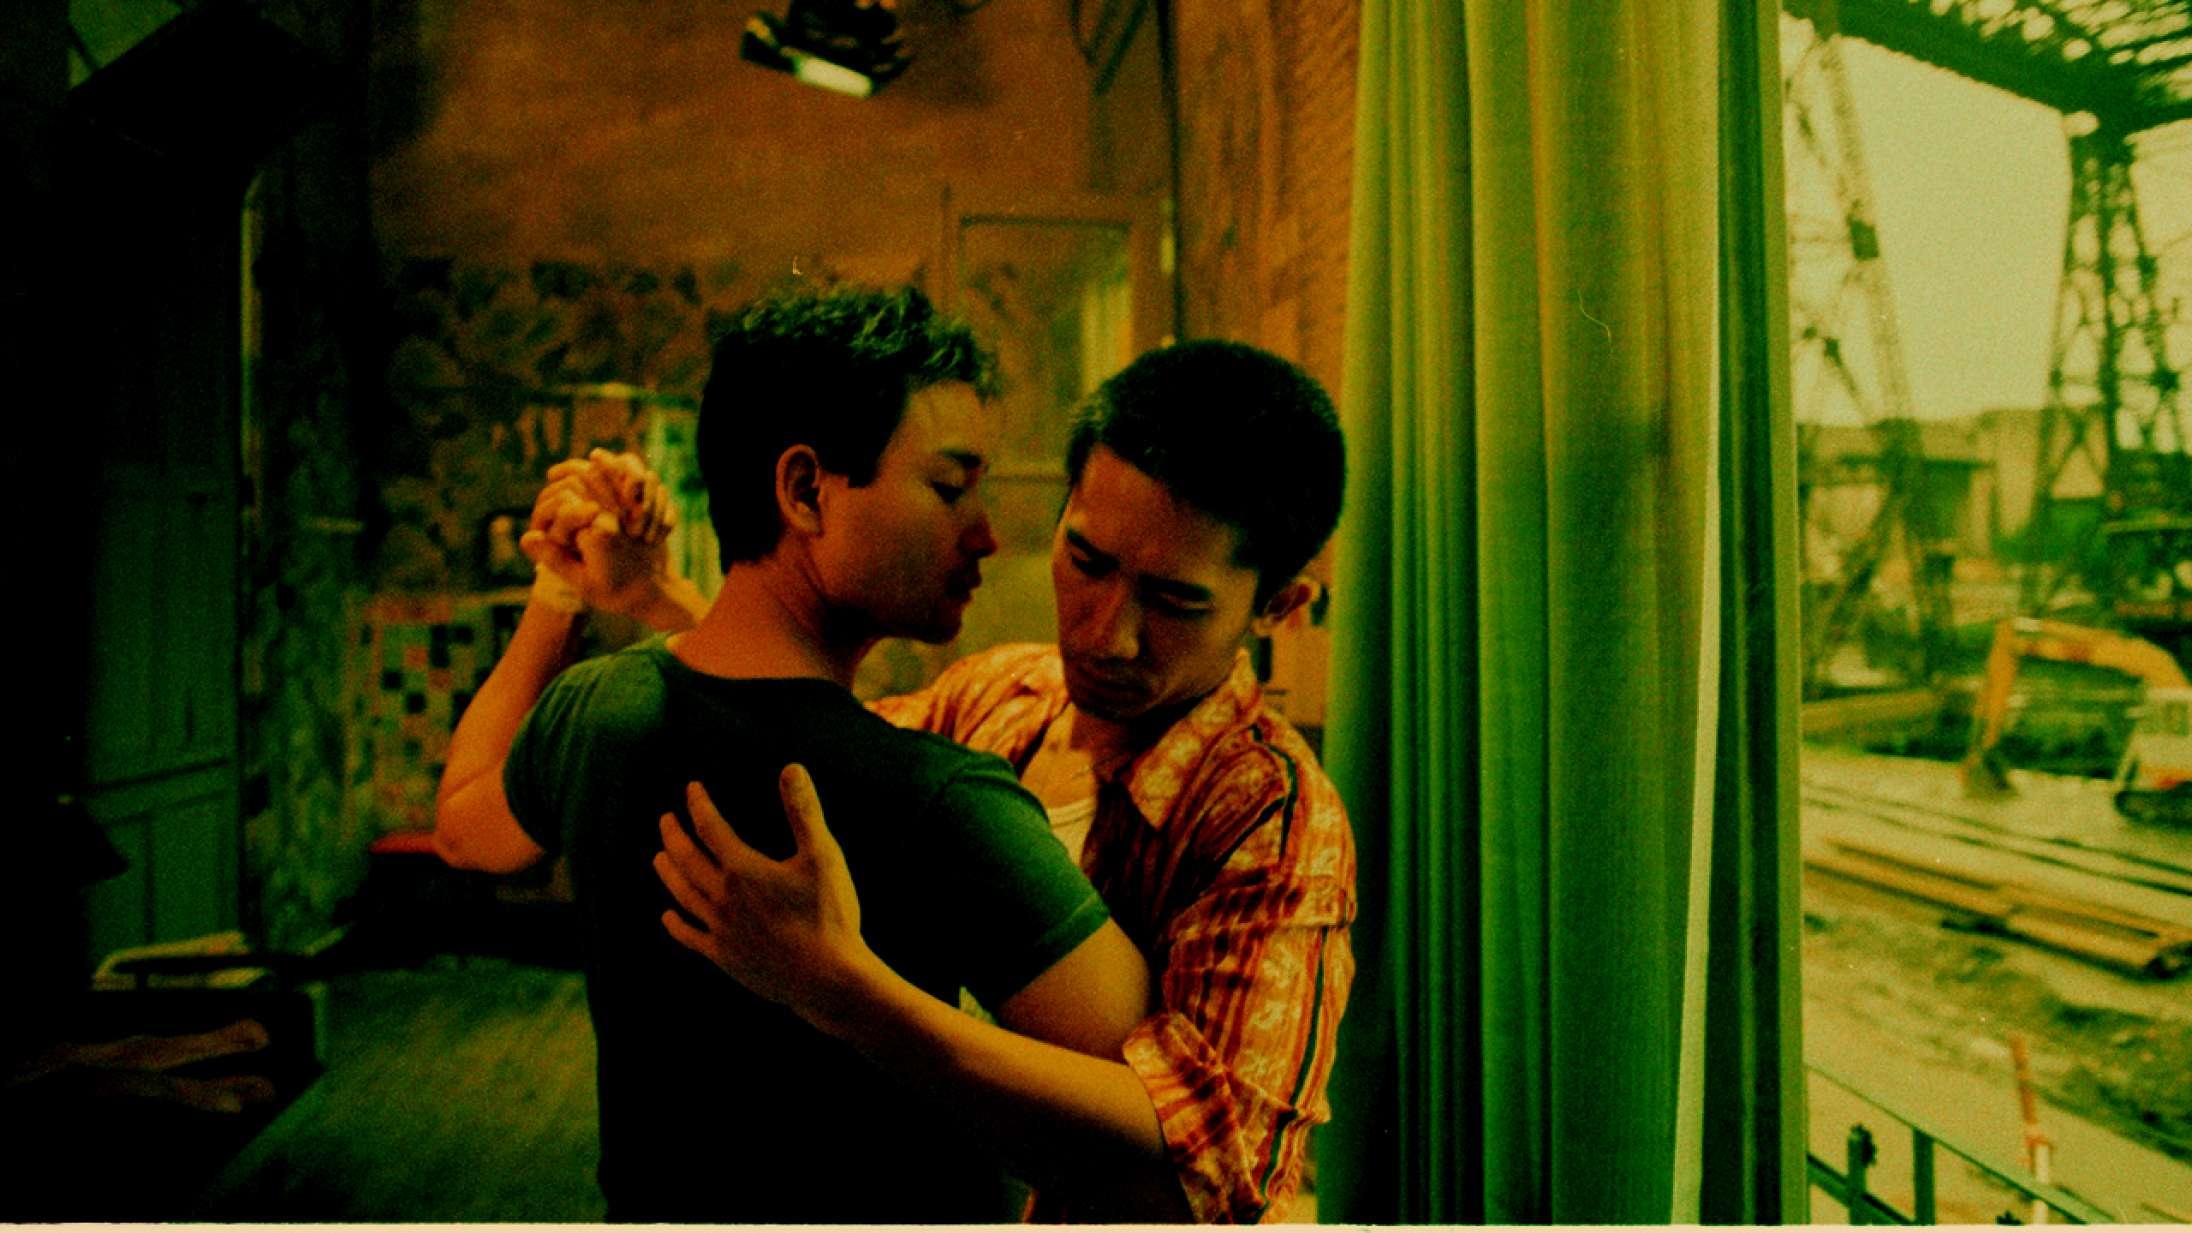 'Happy Together': Både 'Moonlight' og 'Call Me By Your Name' står på skuldrene af biografaktuelt homodrama